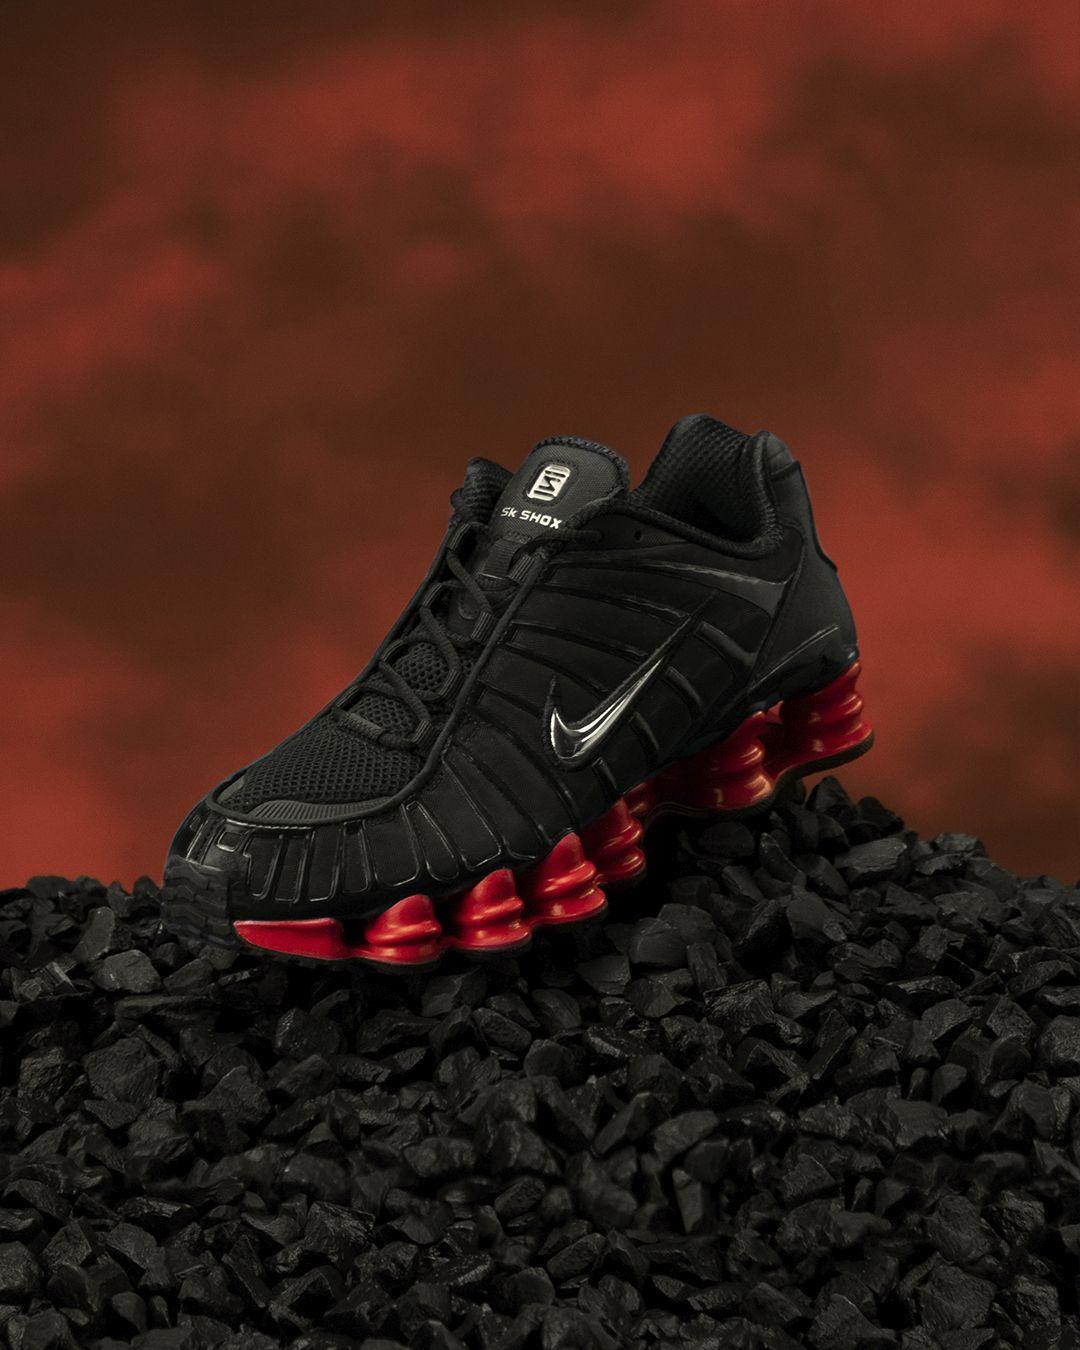 Nike x Skepta Shox TL